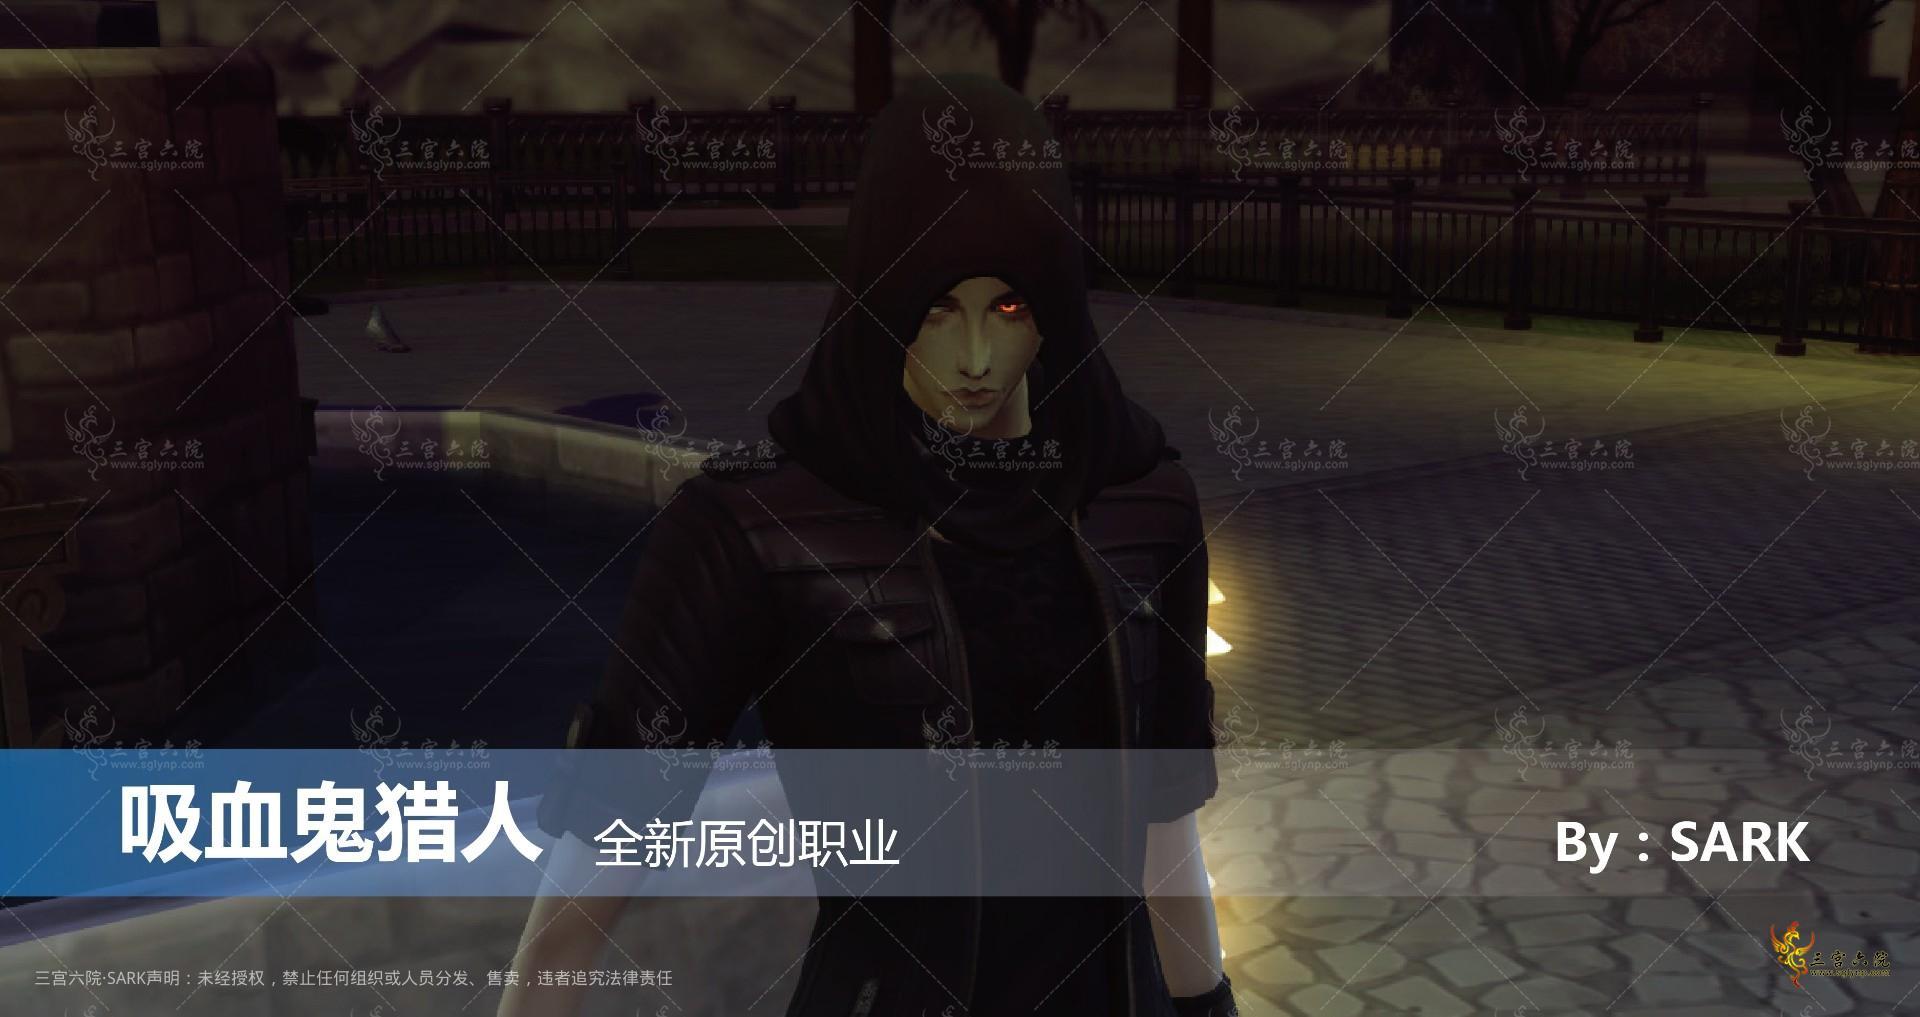 吸血鬼猎人_画板 1.jpg